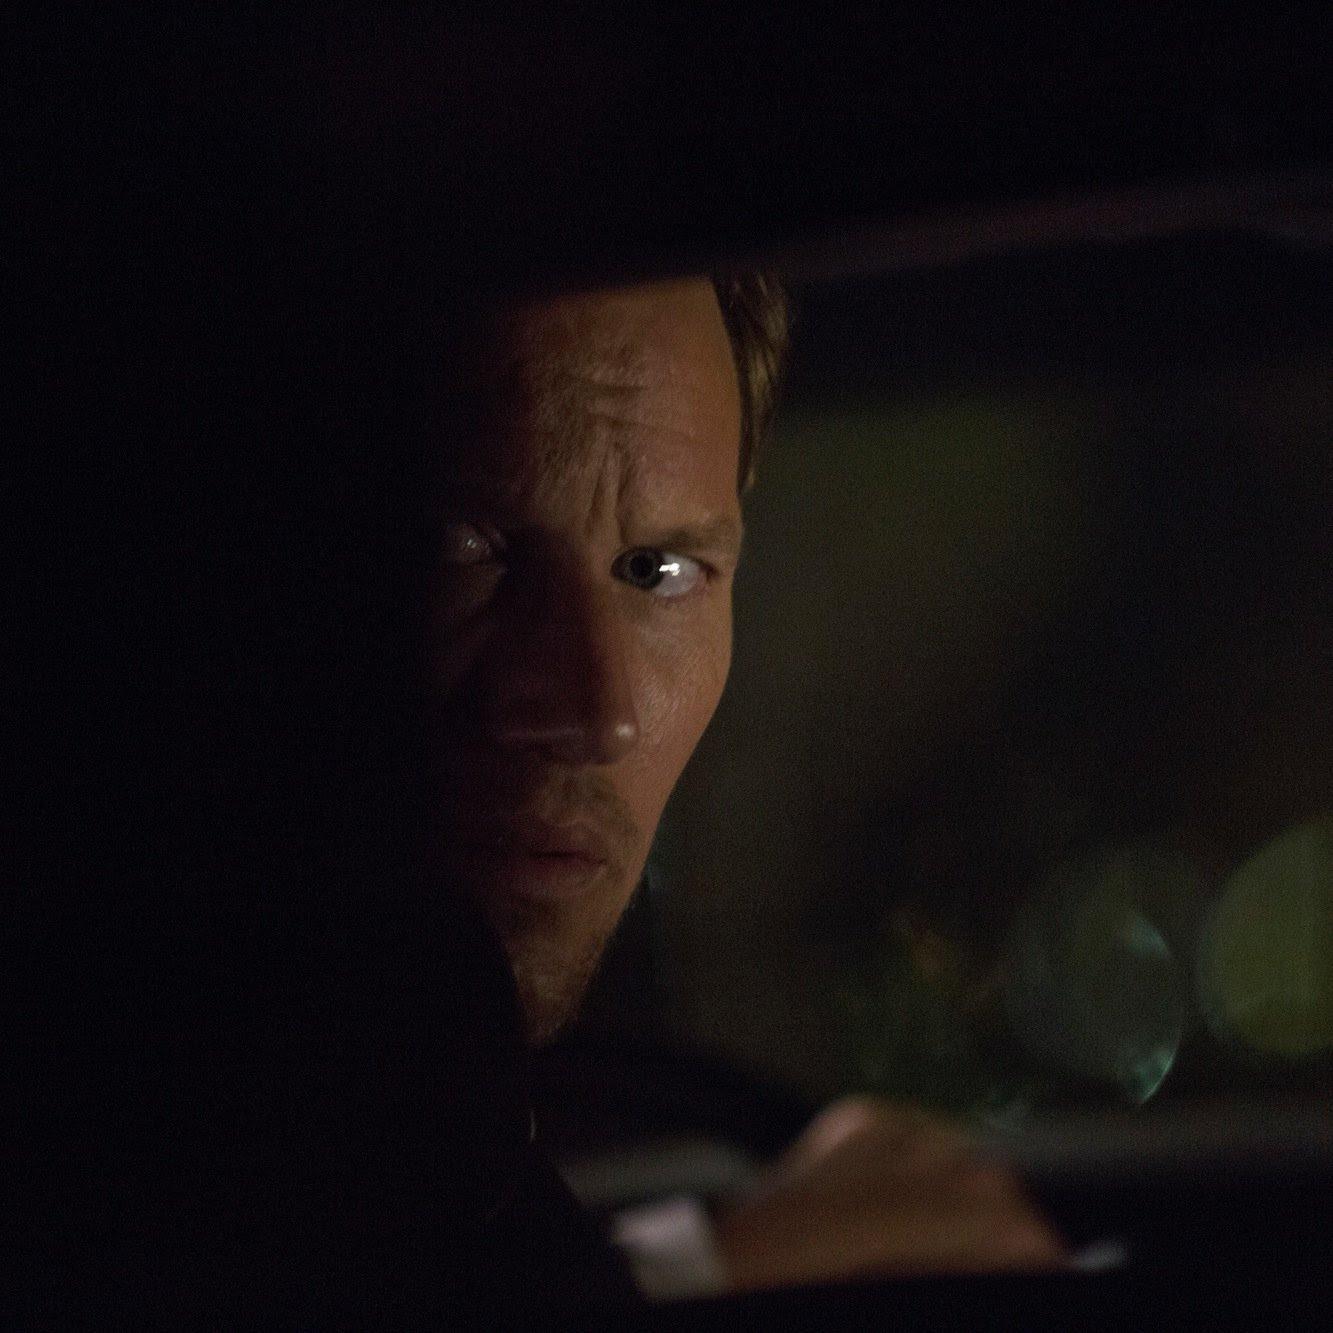 кадры из фильма Драйвер на ночь Патрик Уилсон,